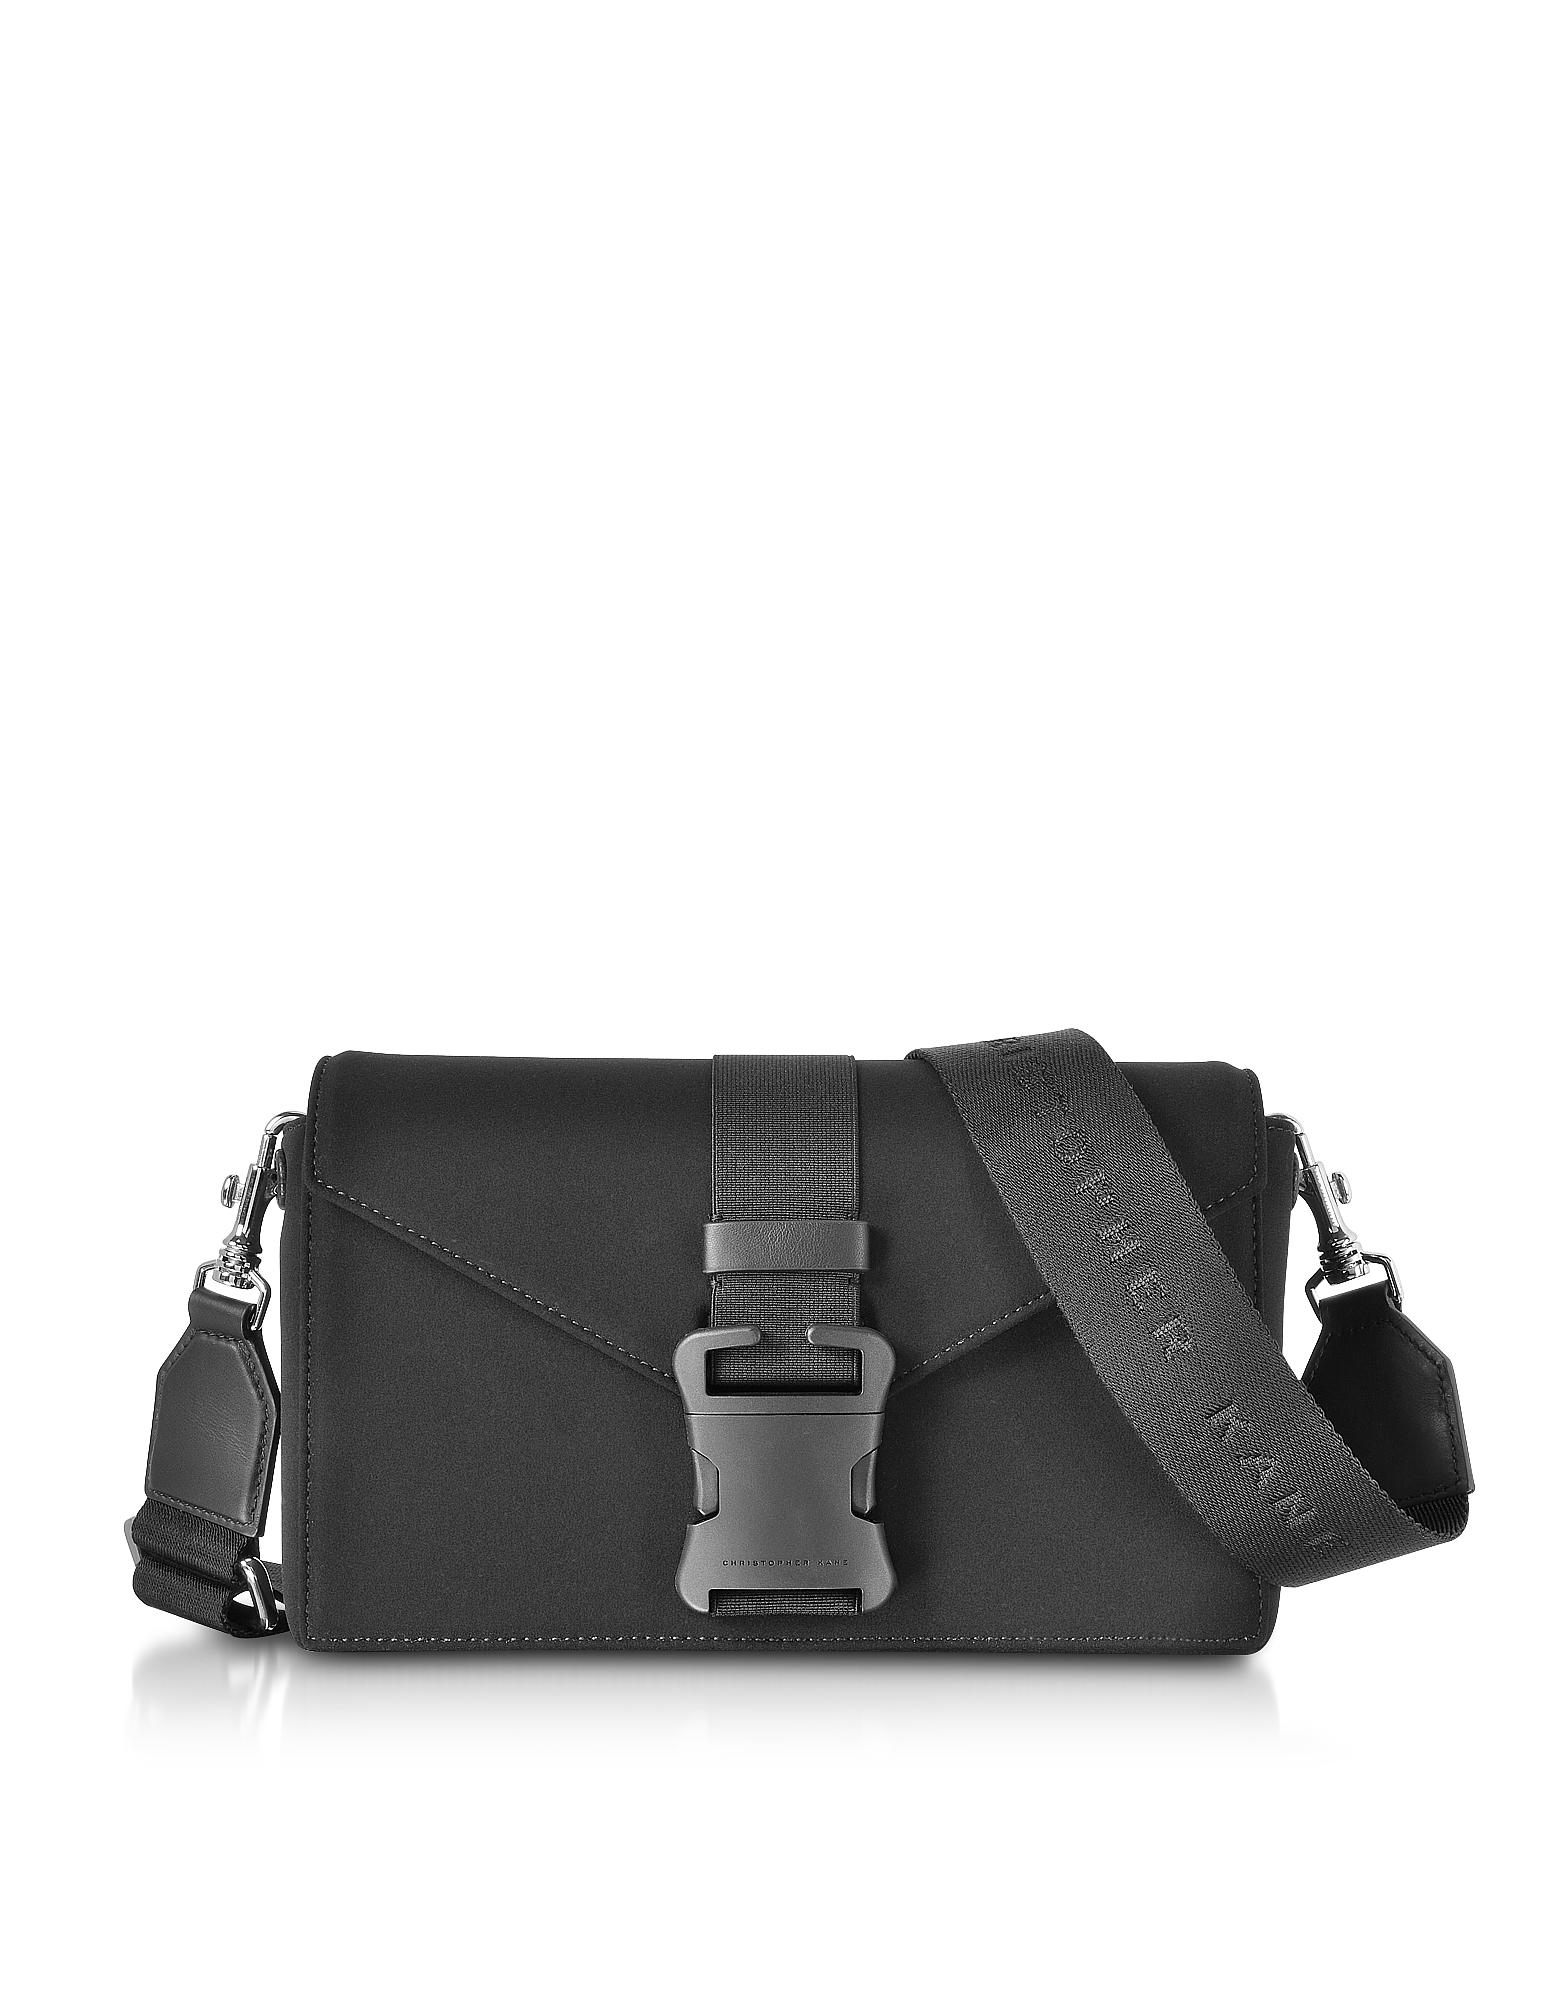 Image of Christopher Kane Designer Handbags, Black Neoprene Devine Og Bag